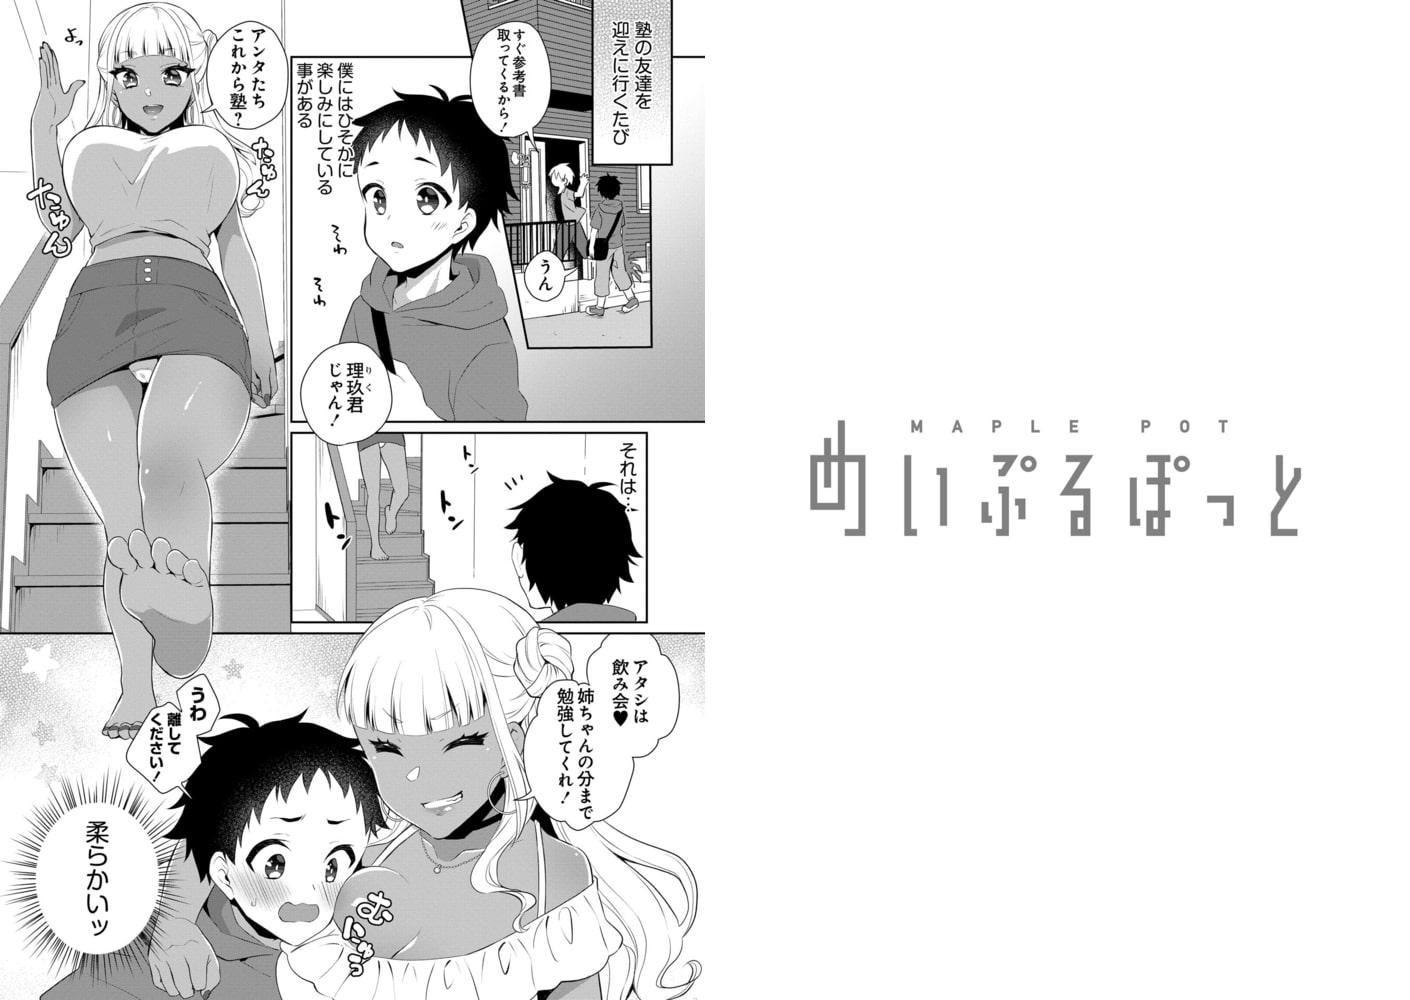 めいぷるぽっと vol.03 sweet